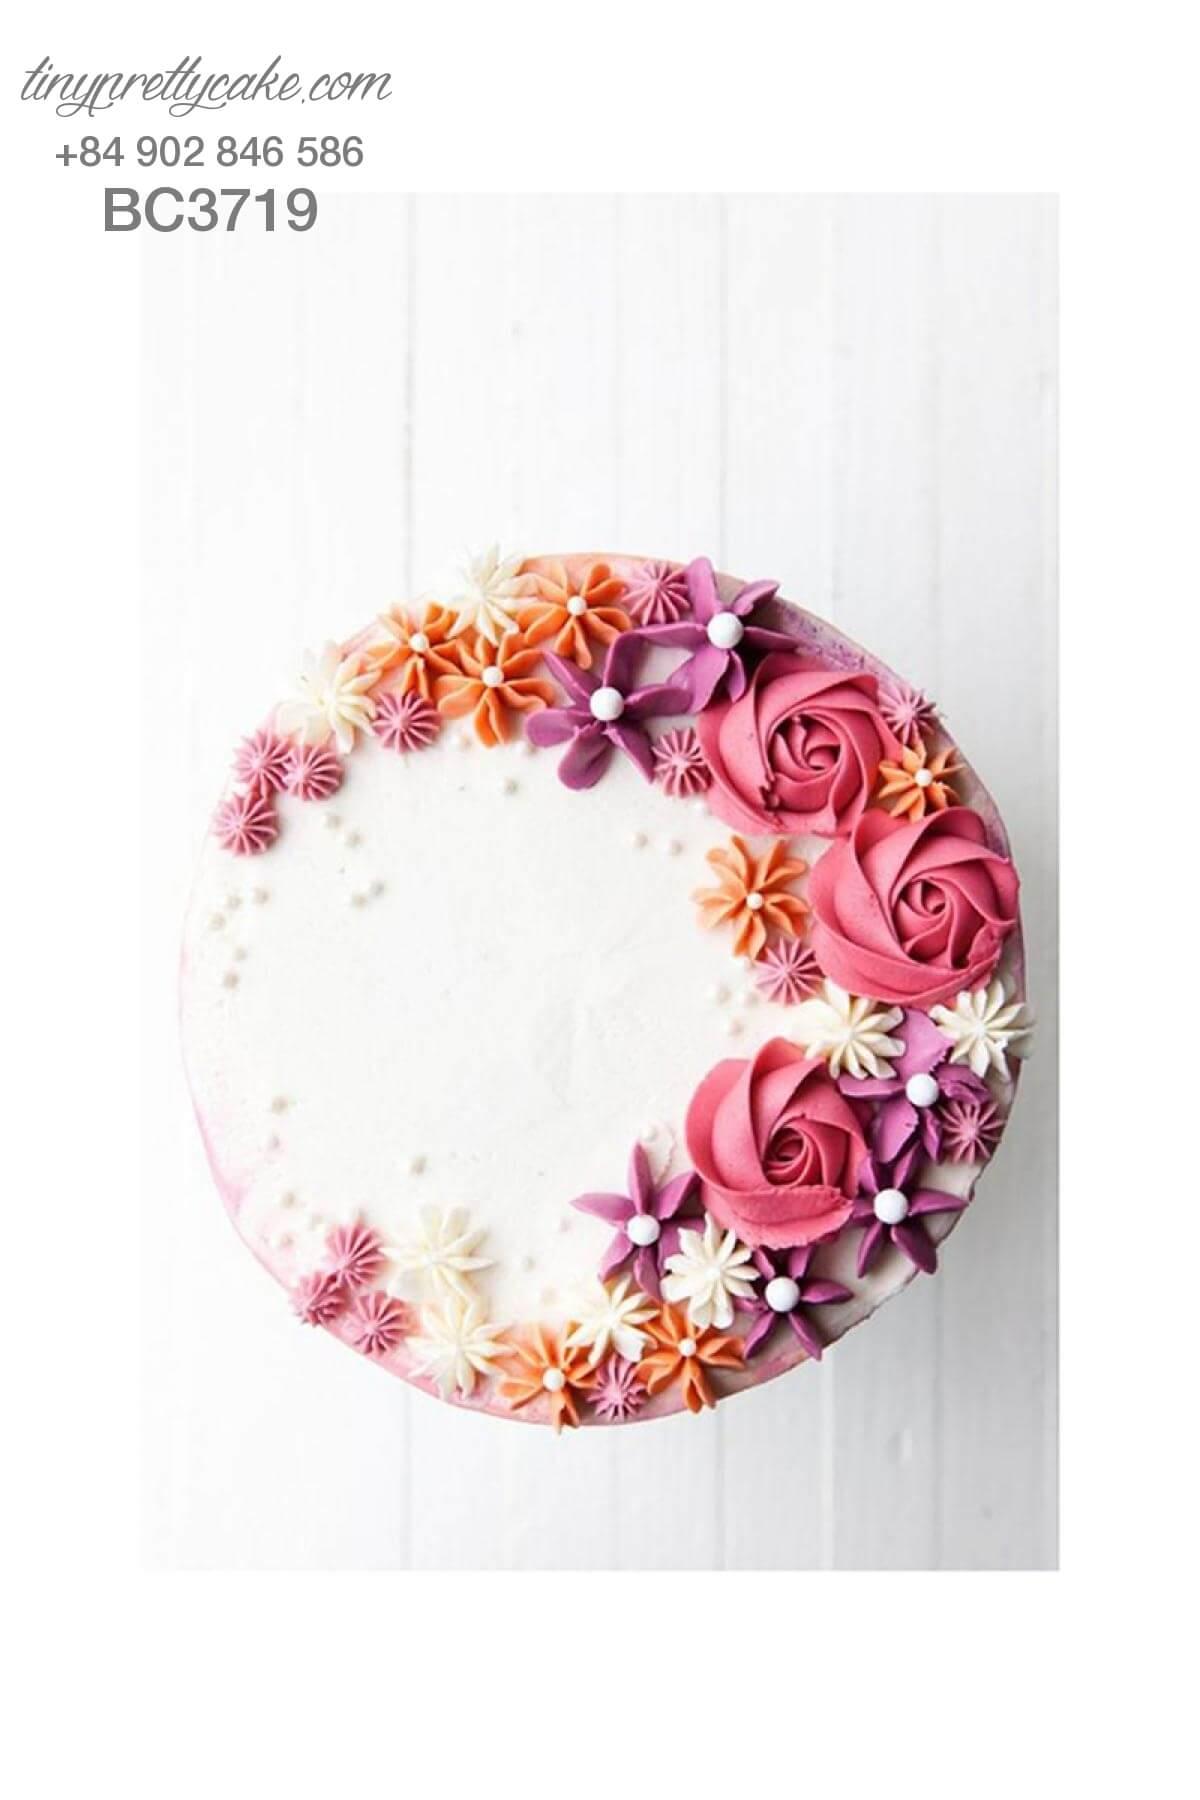 bánh kem hoa hồng lãng mạn